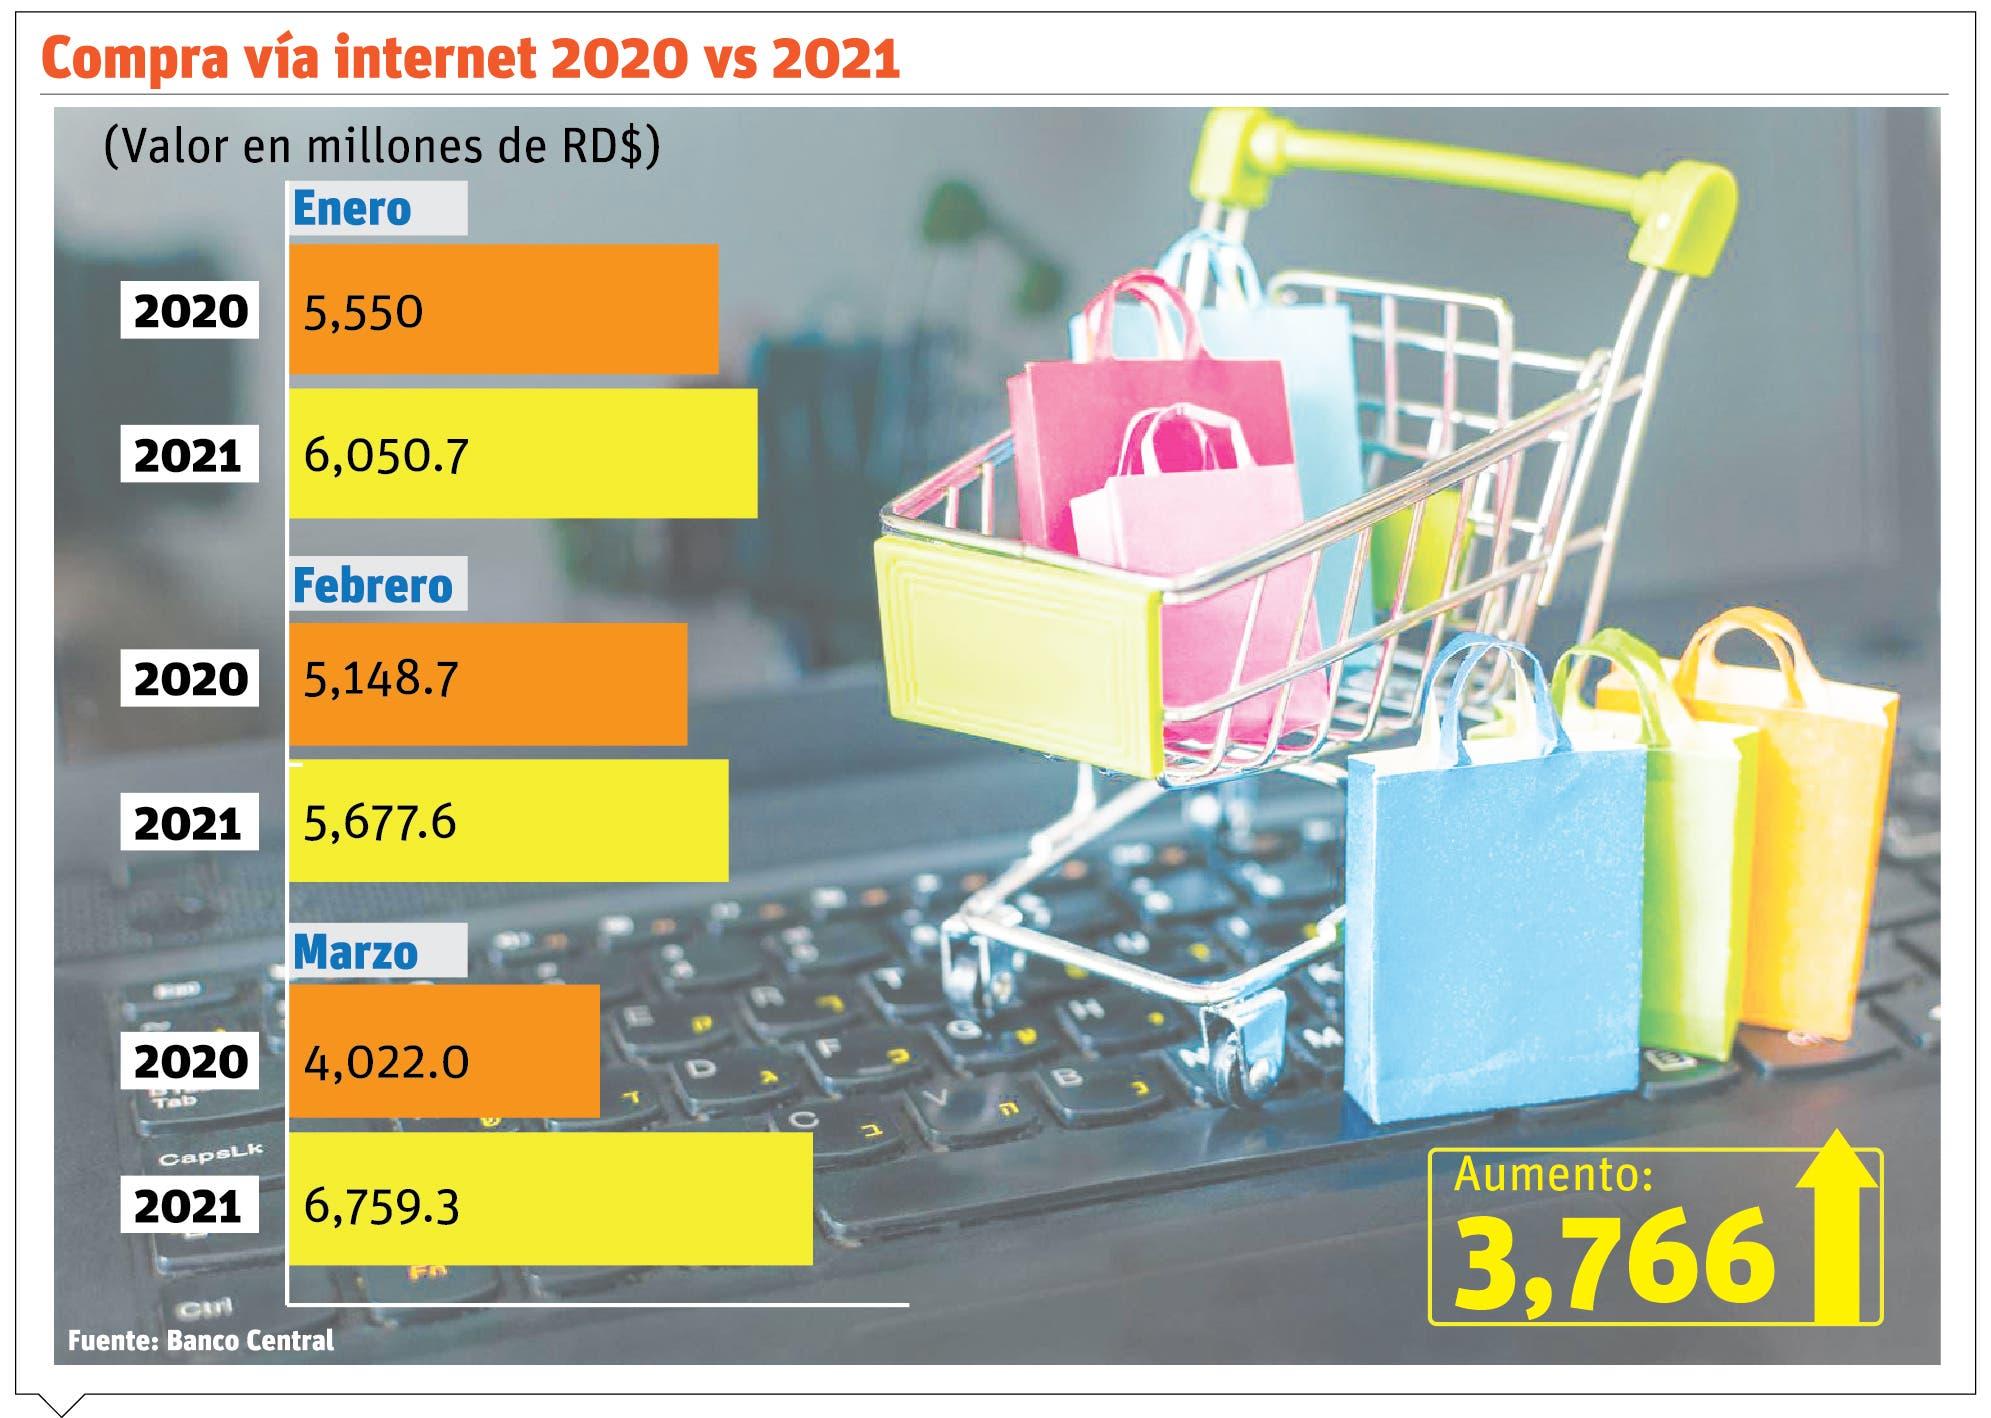 Comercio digital eleva ventas de emprendedores